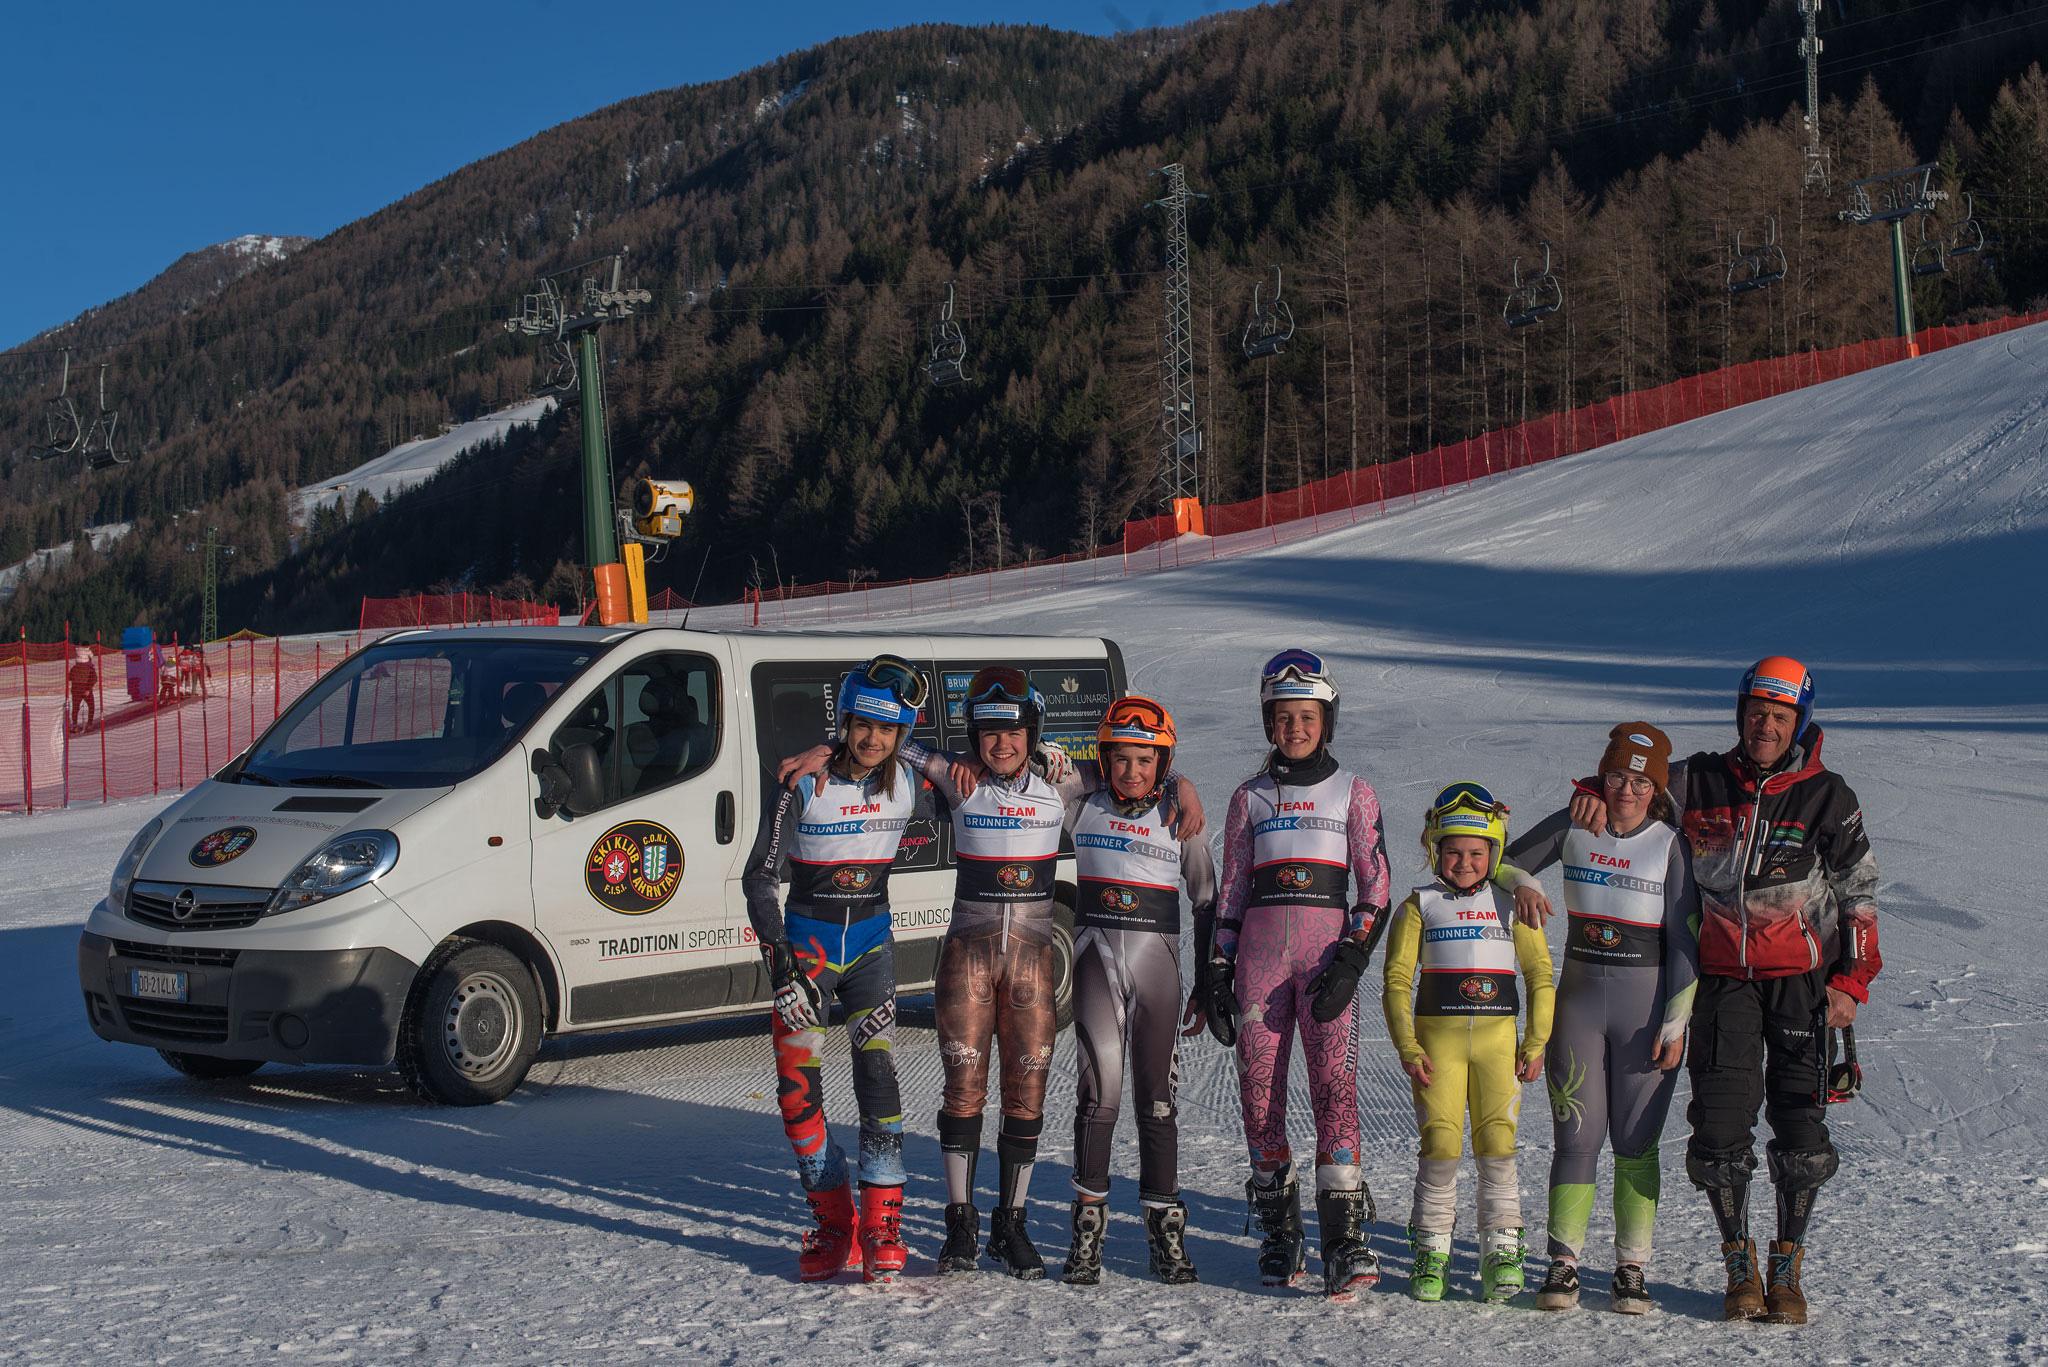 Team Brunner & Leiter